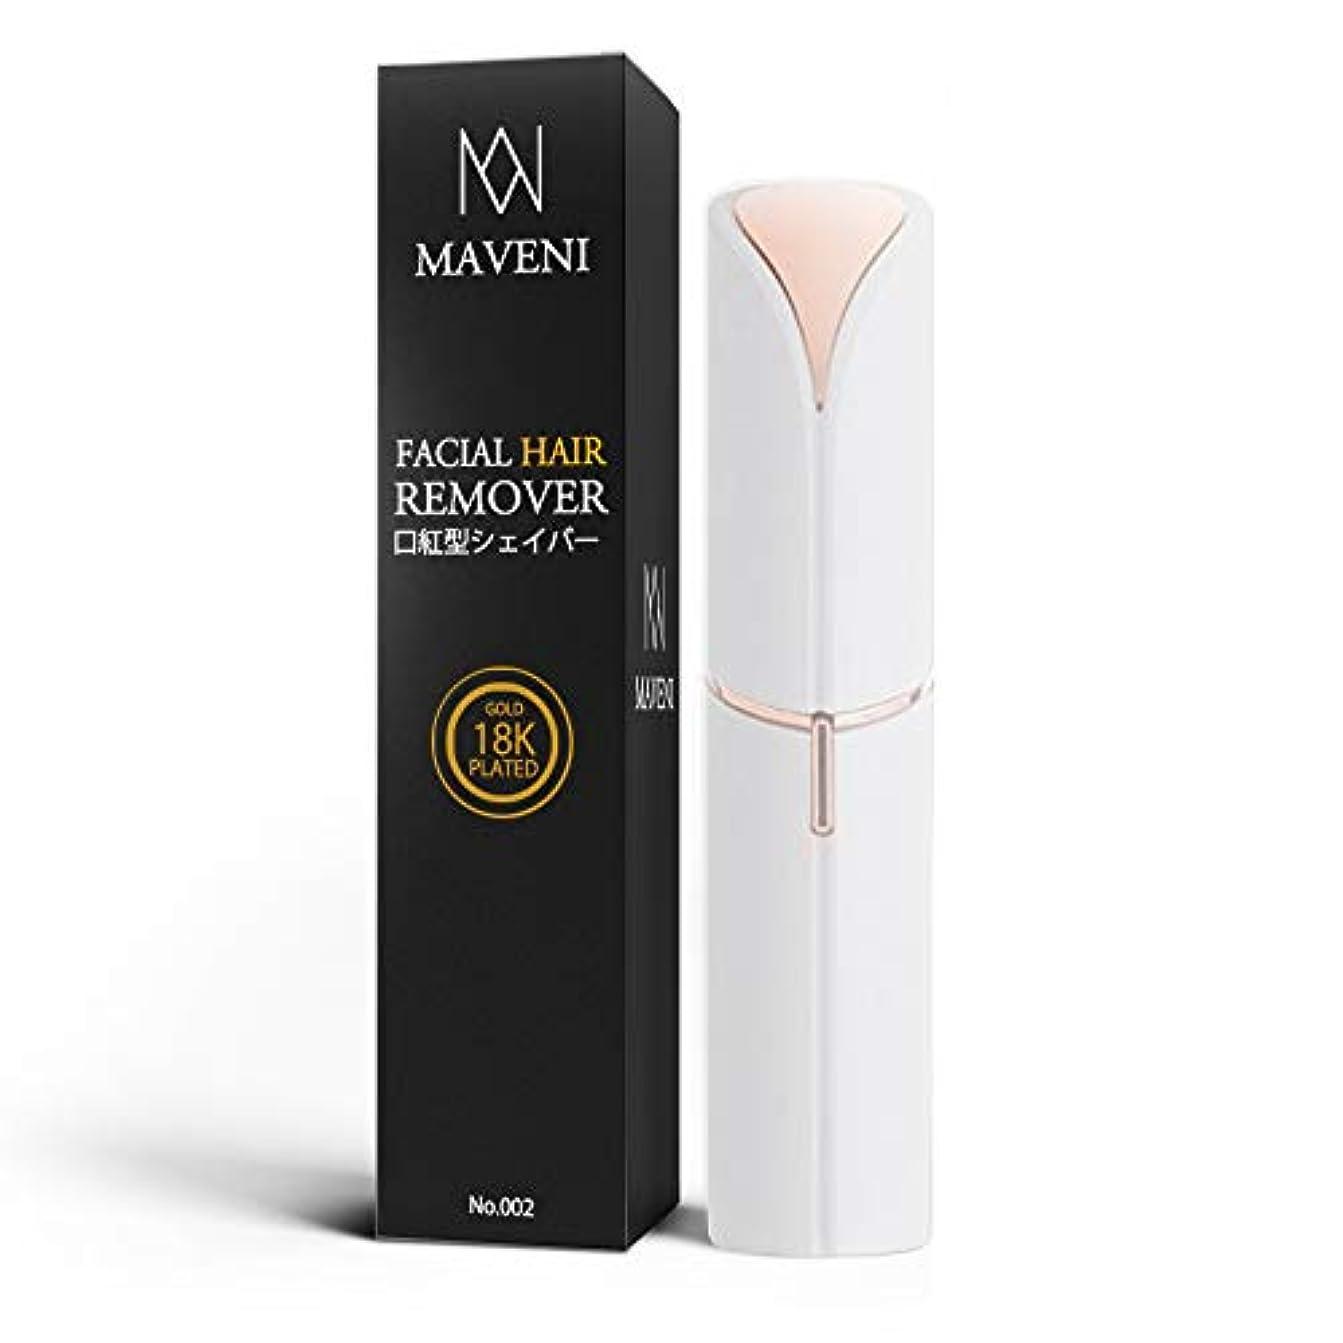 まだらカセット自殺Maveni(マヴェニ) レディースシェーバー?脱毛器 女性 顔剃り 回転式 LEDライト付き シェーバー レディ用 (ホワイト)